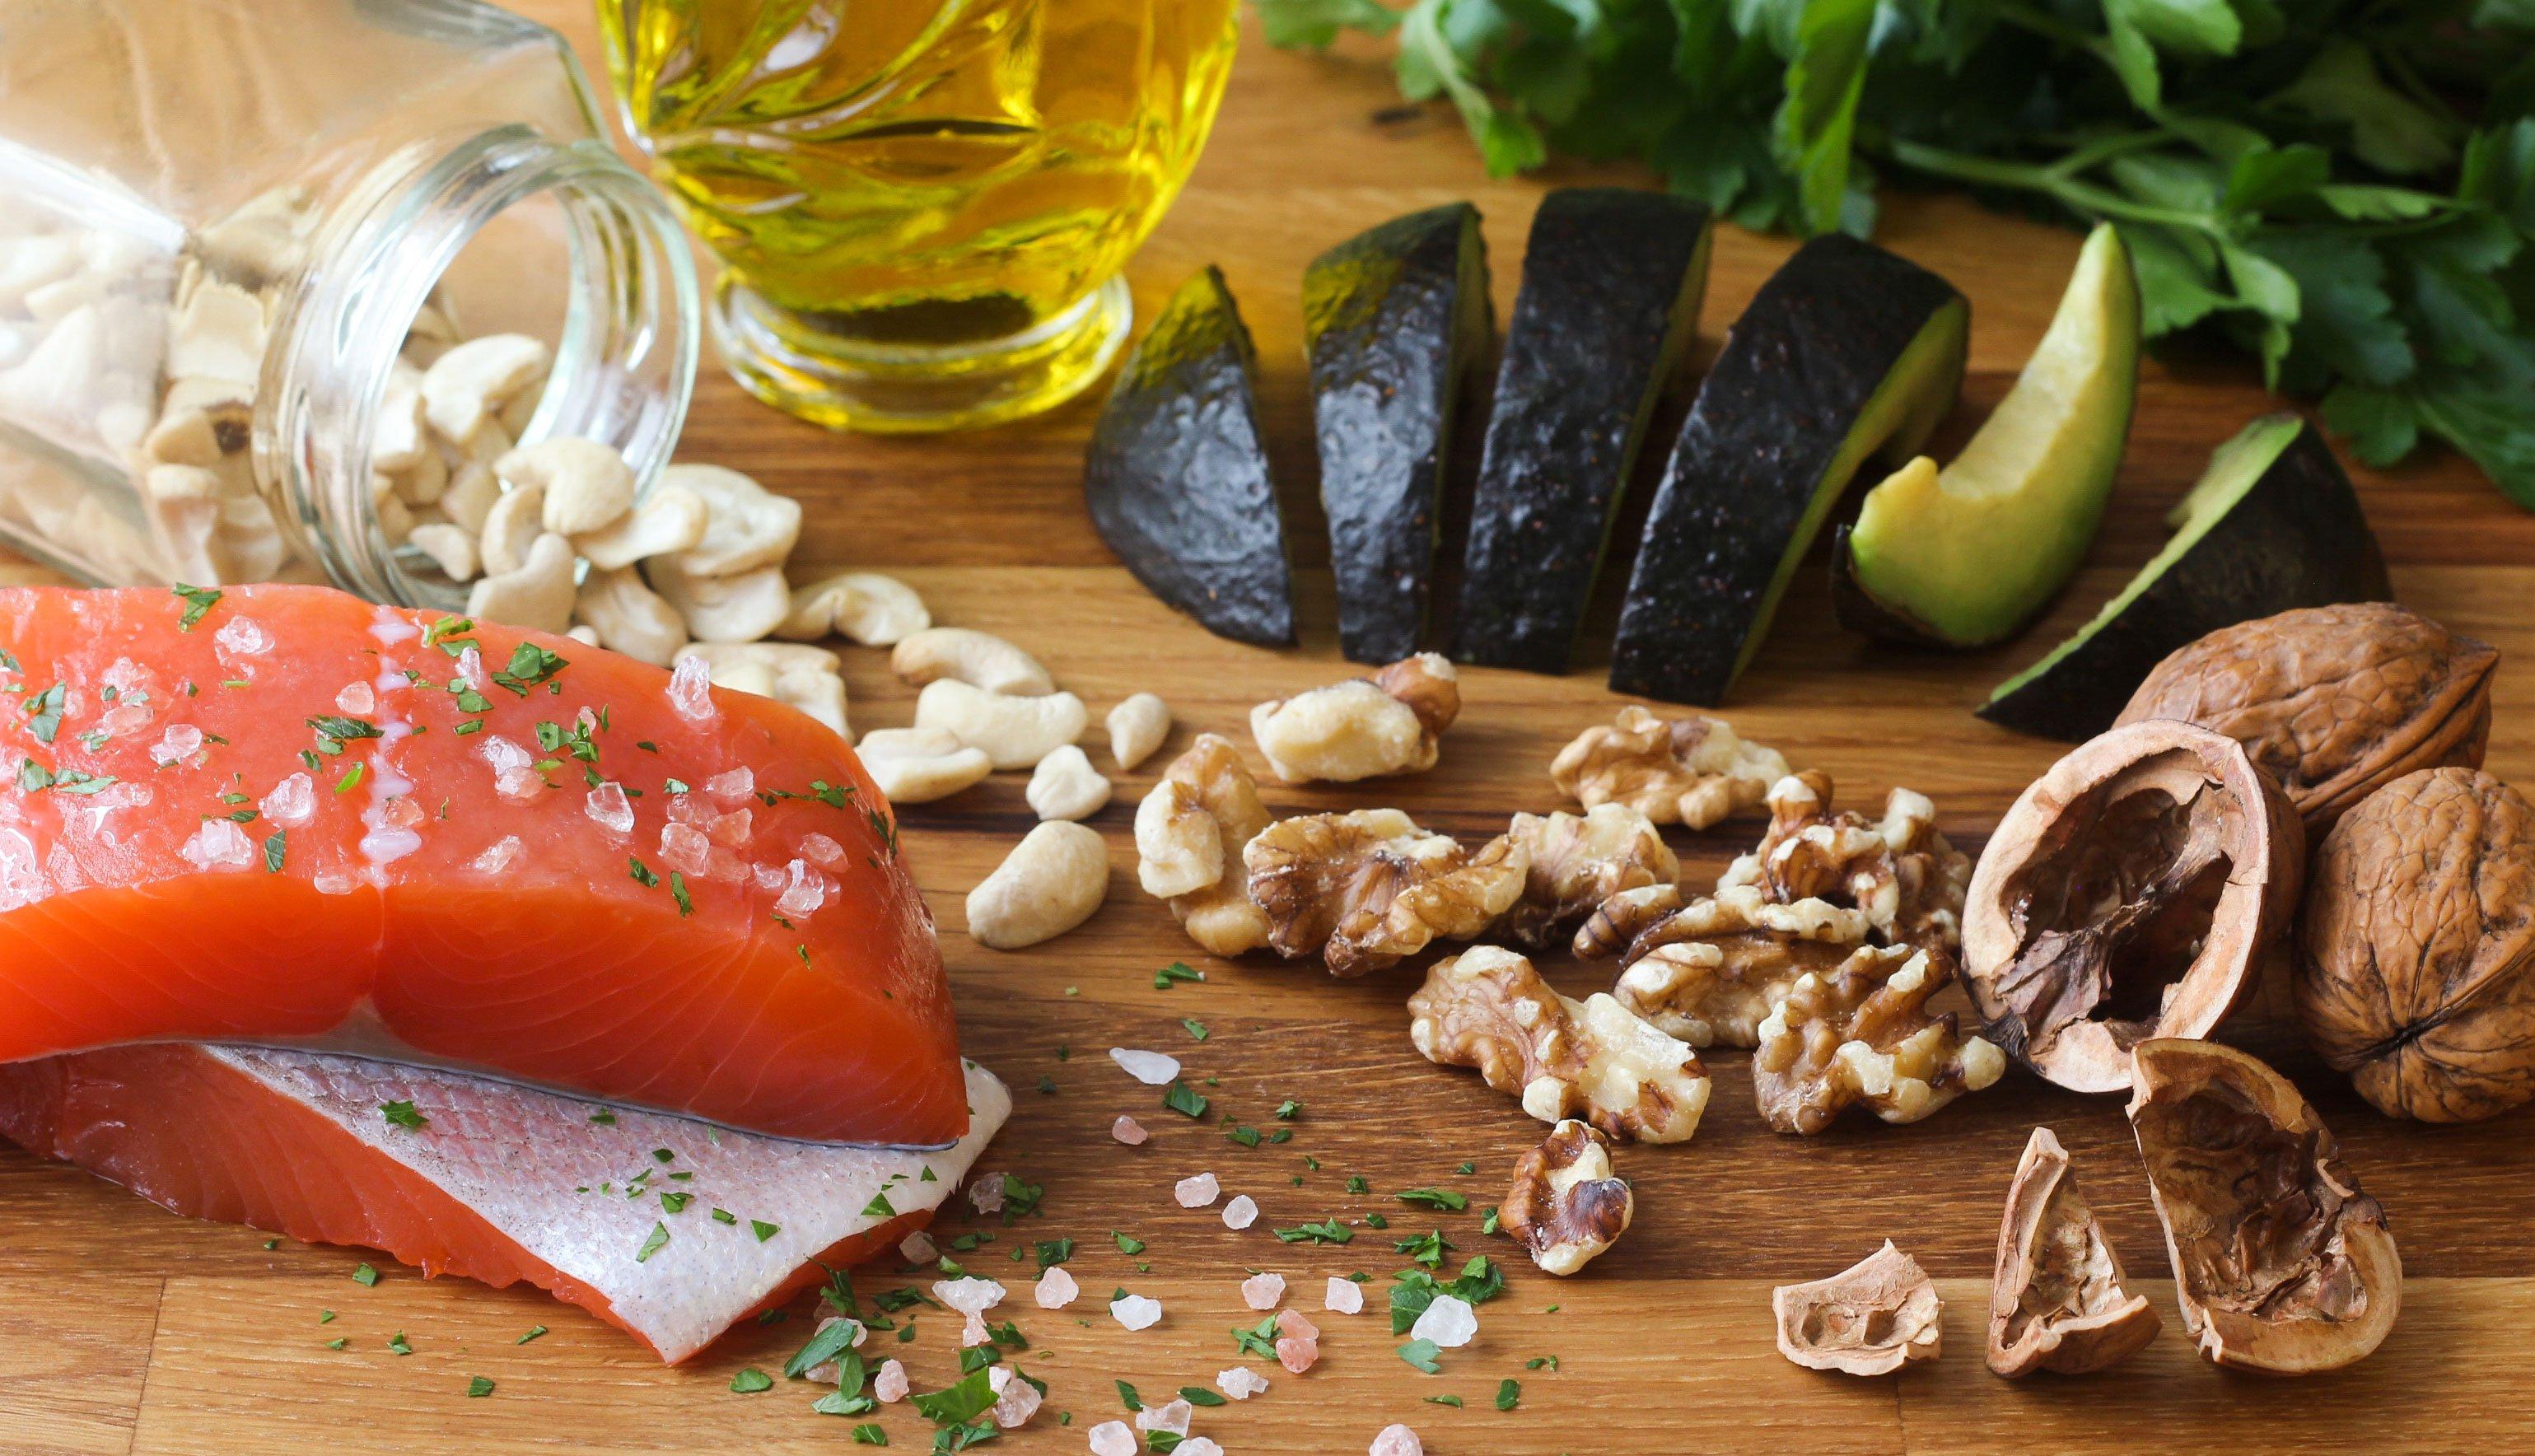 Salmón, nueces, aceite de oliva y aguacate sobre una mesa